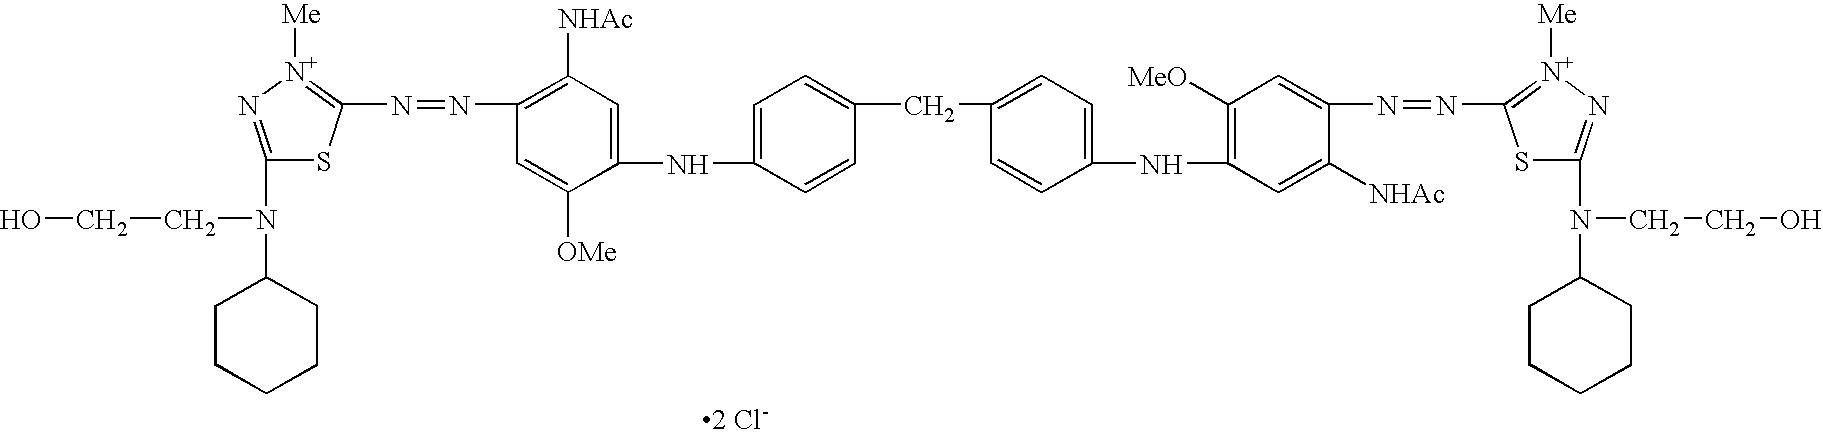 Figure US07497878-20090303-C00026